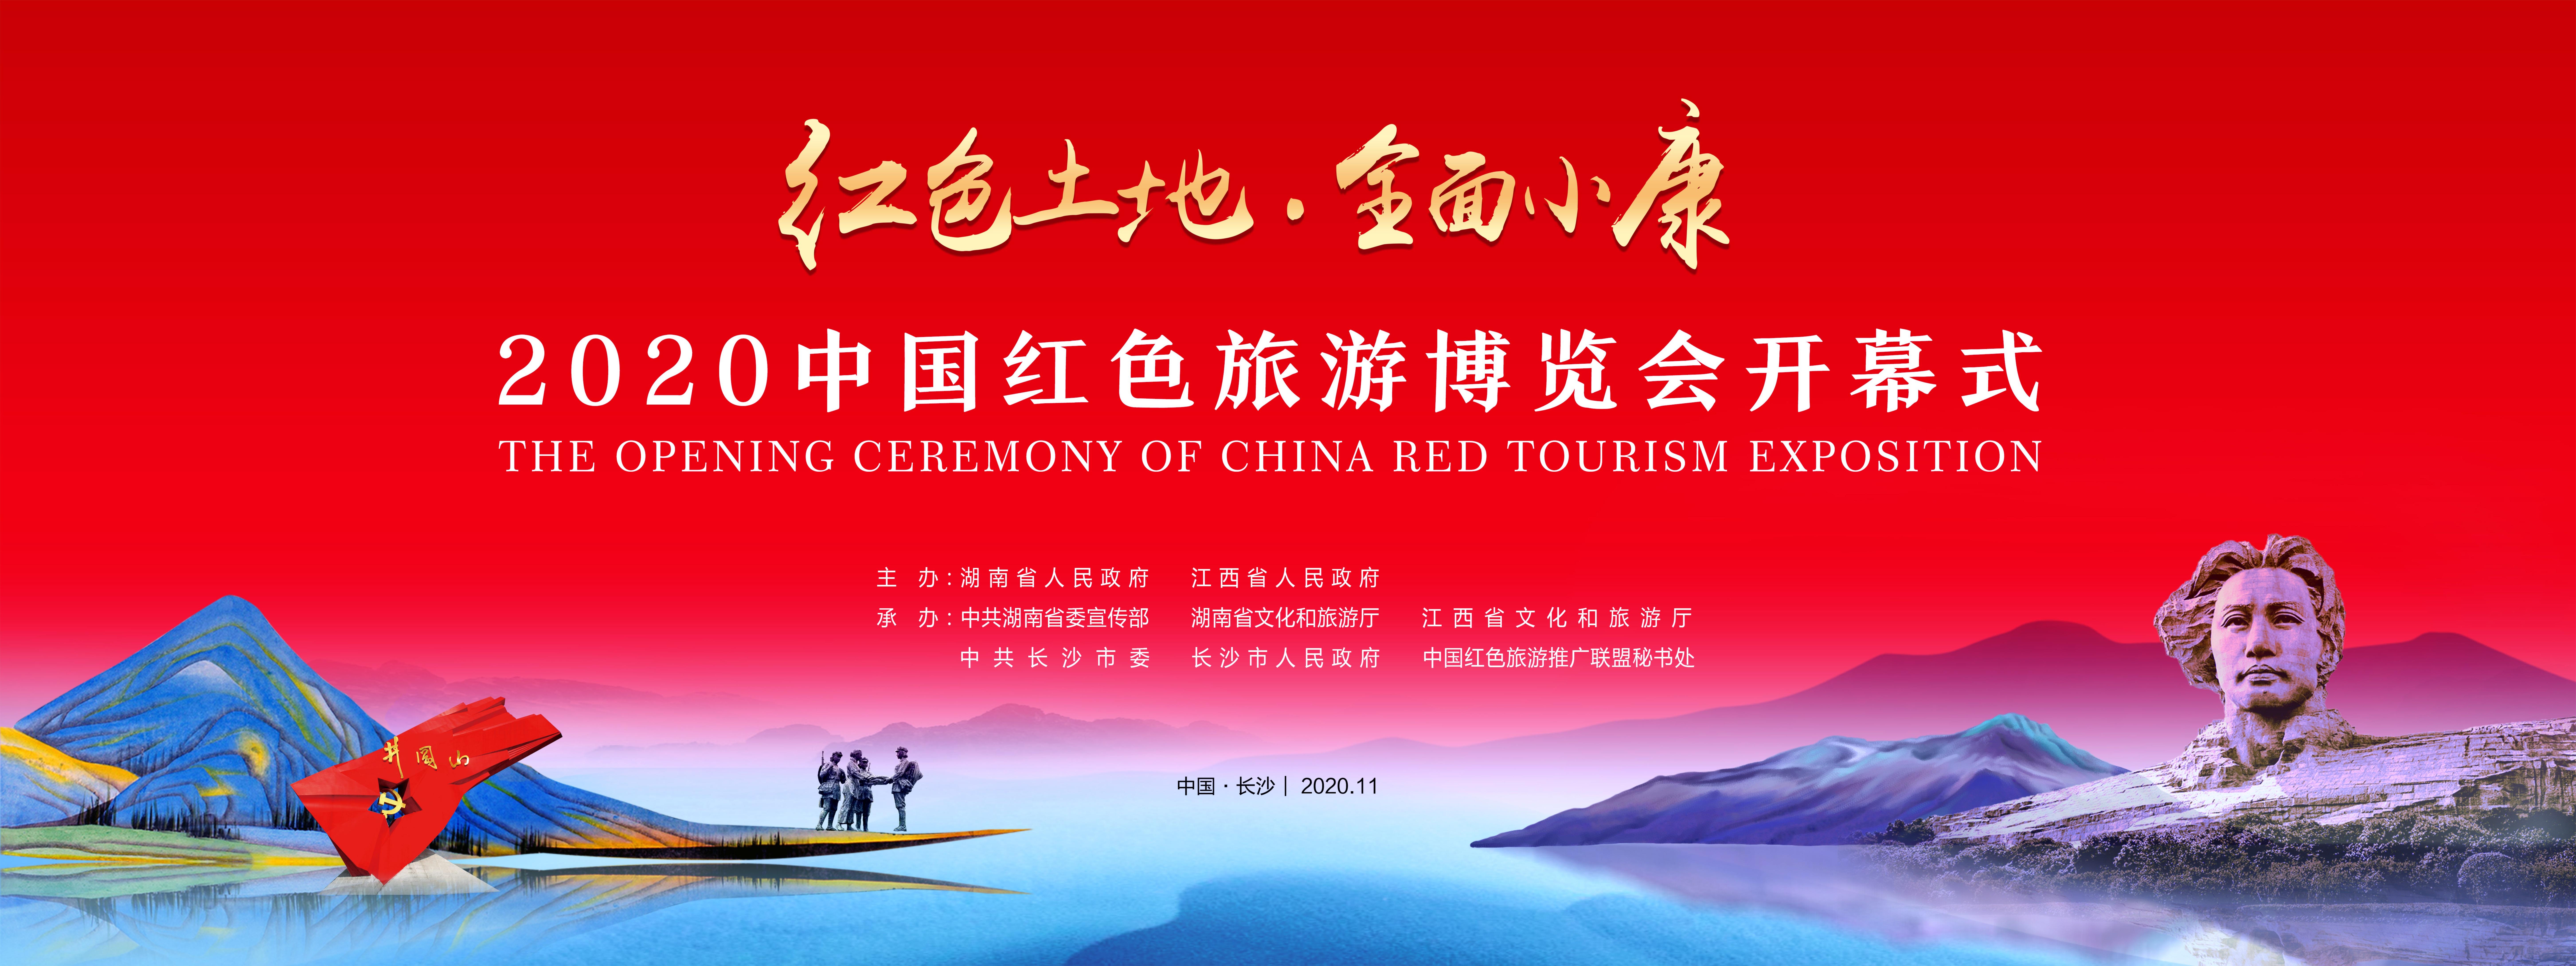 直播回顾>红色土地·全面小康——2020中国红色旅游博览会